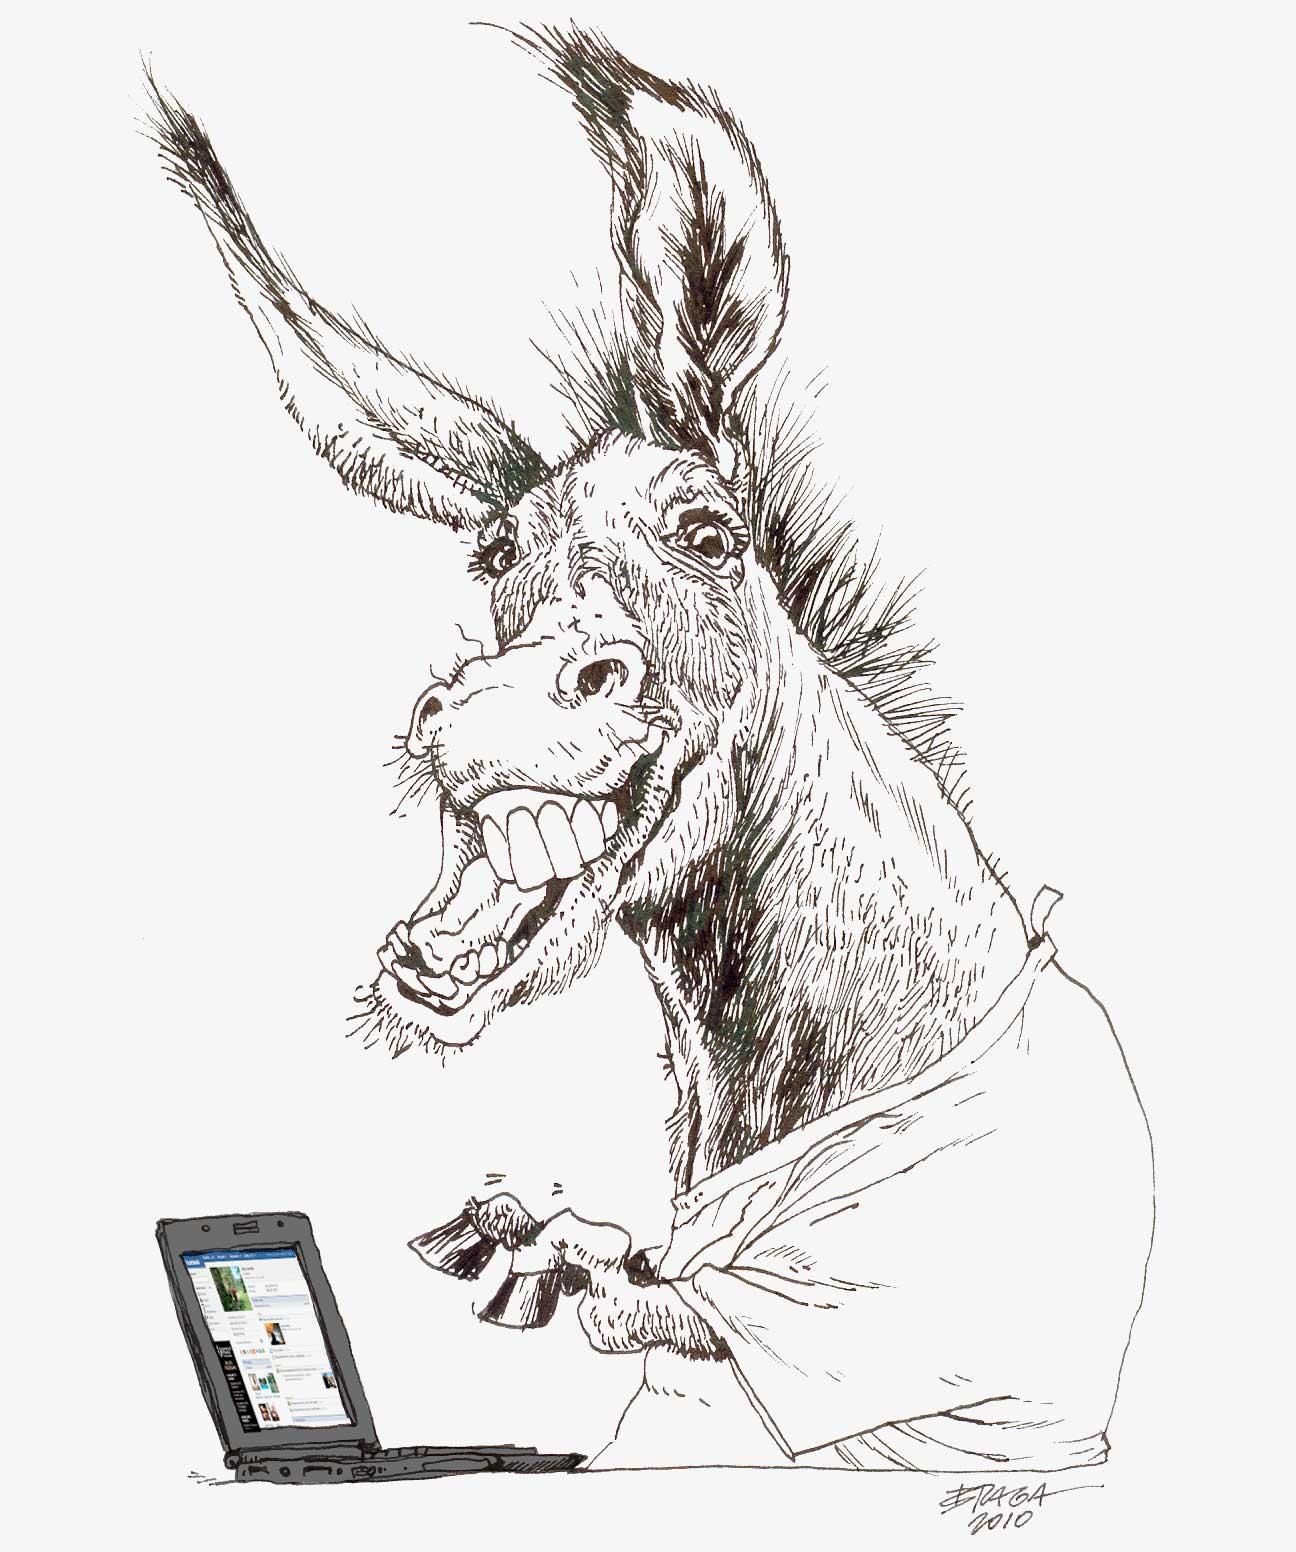 burros-sociais-coxa-creme